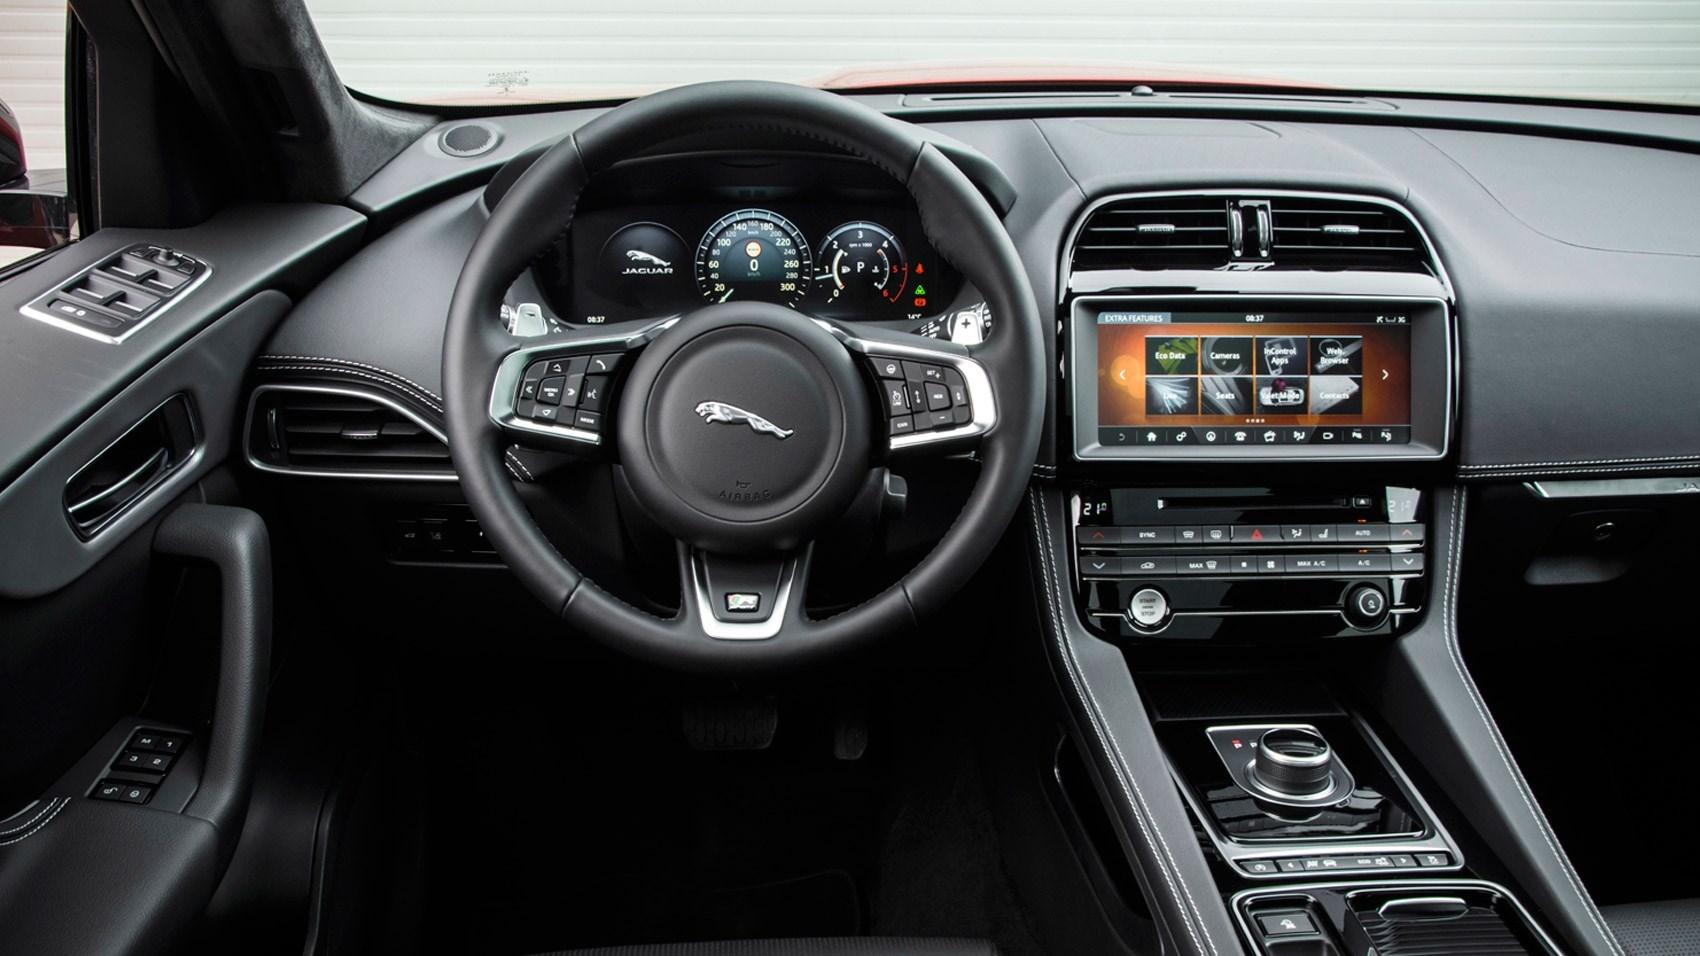 Inside The Jaguar F Pace S Cabin